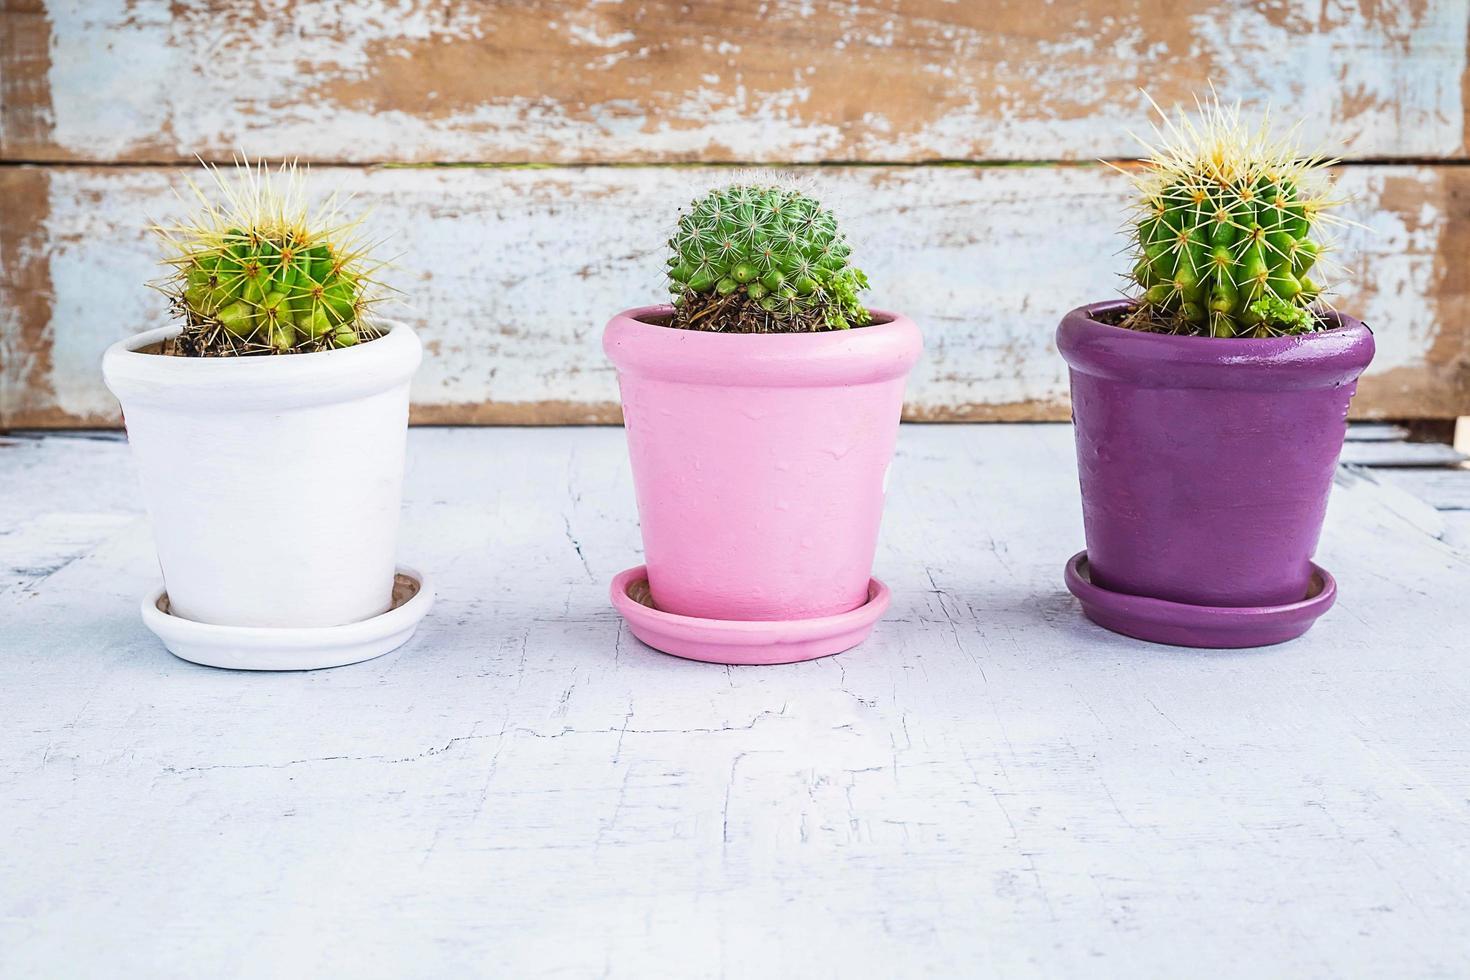 drie cactussen in potten op een blauwe houten tafel foto